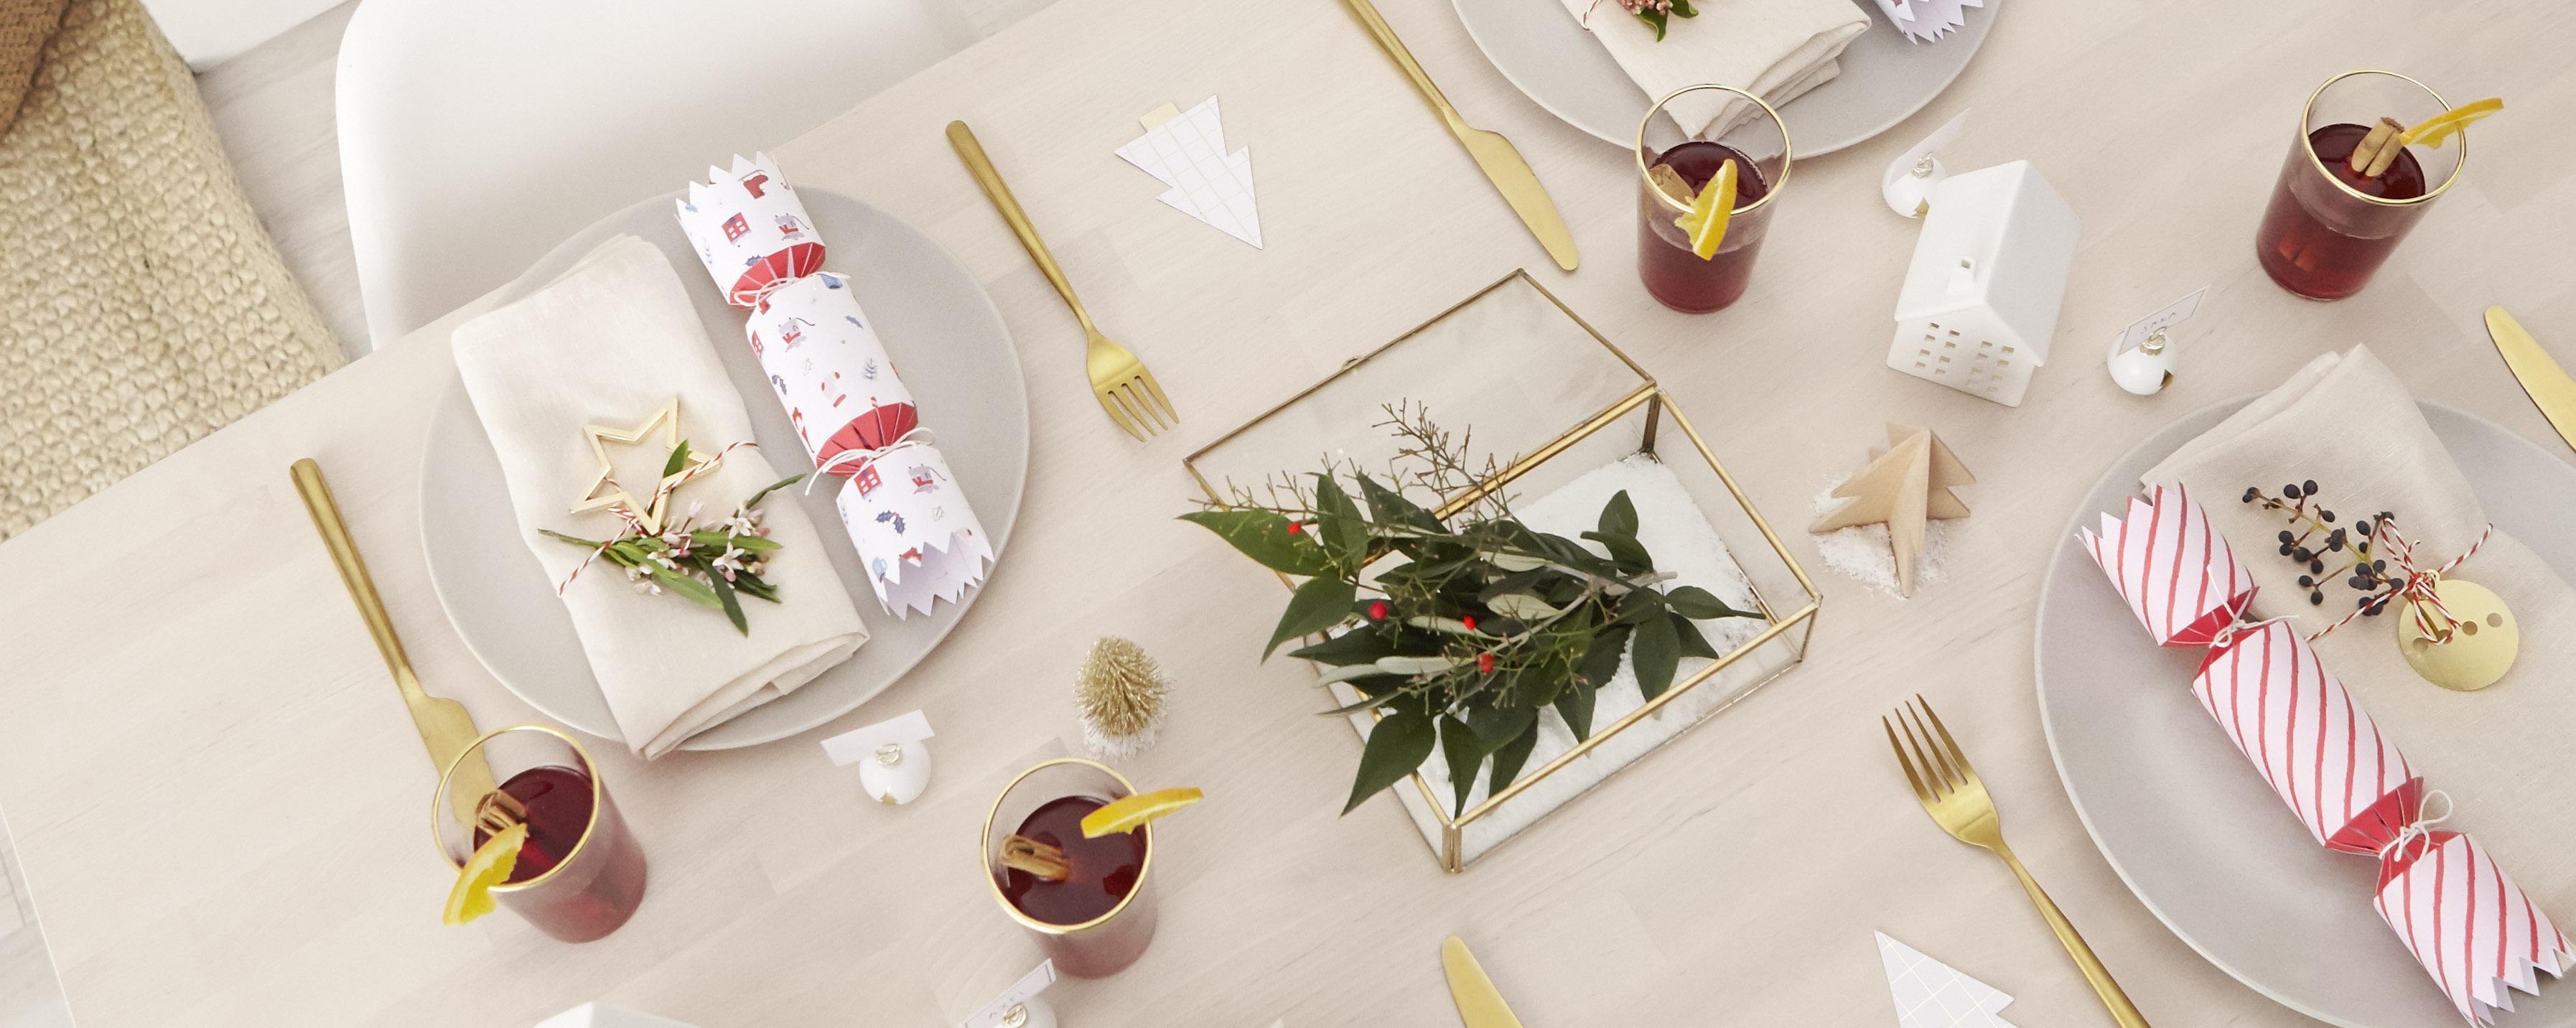 K On Christmas.How To Style Your Christmas Table Kikki K Blog